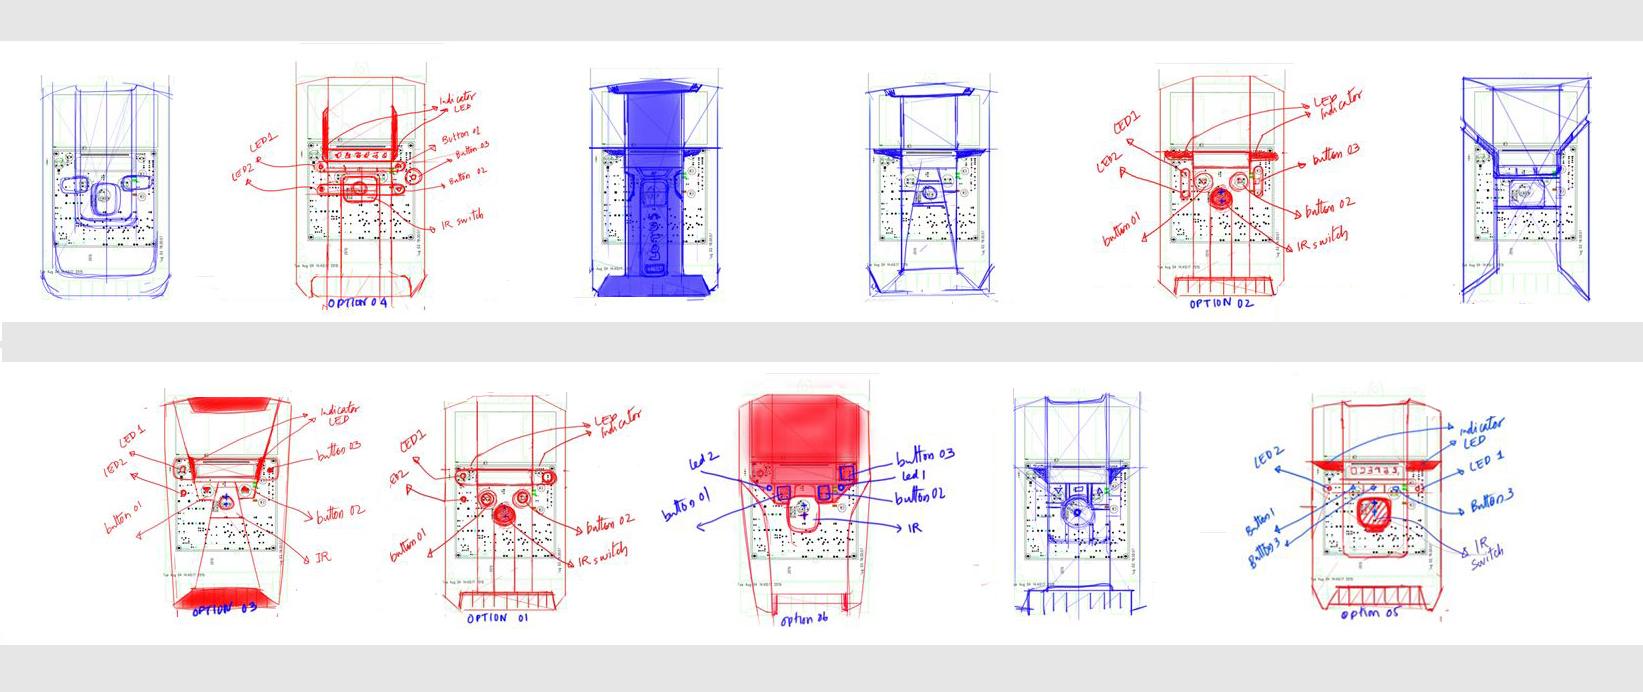 Smart energy meter design sketch